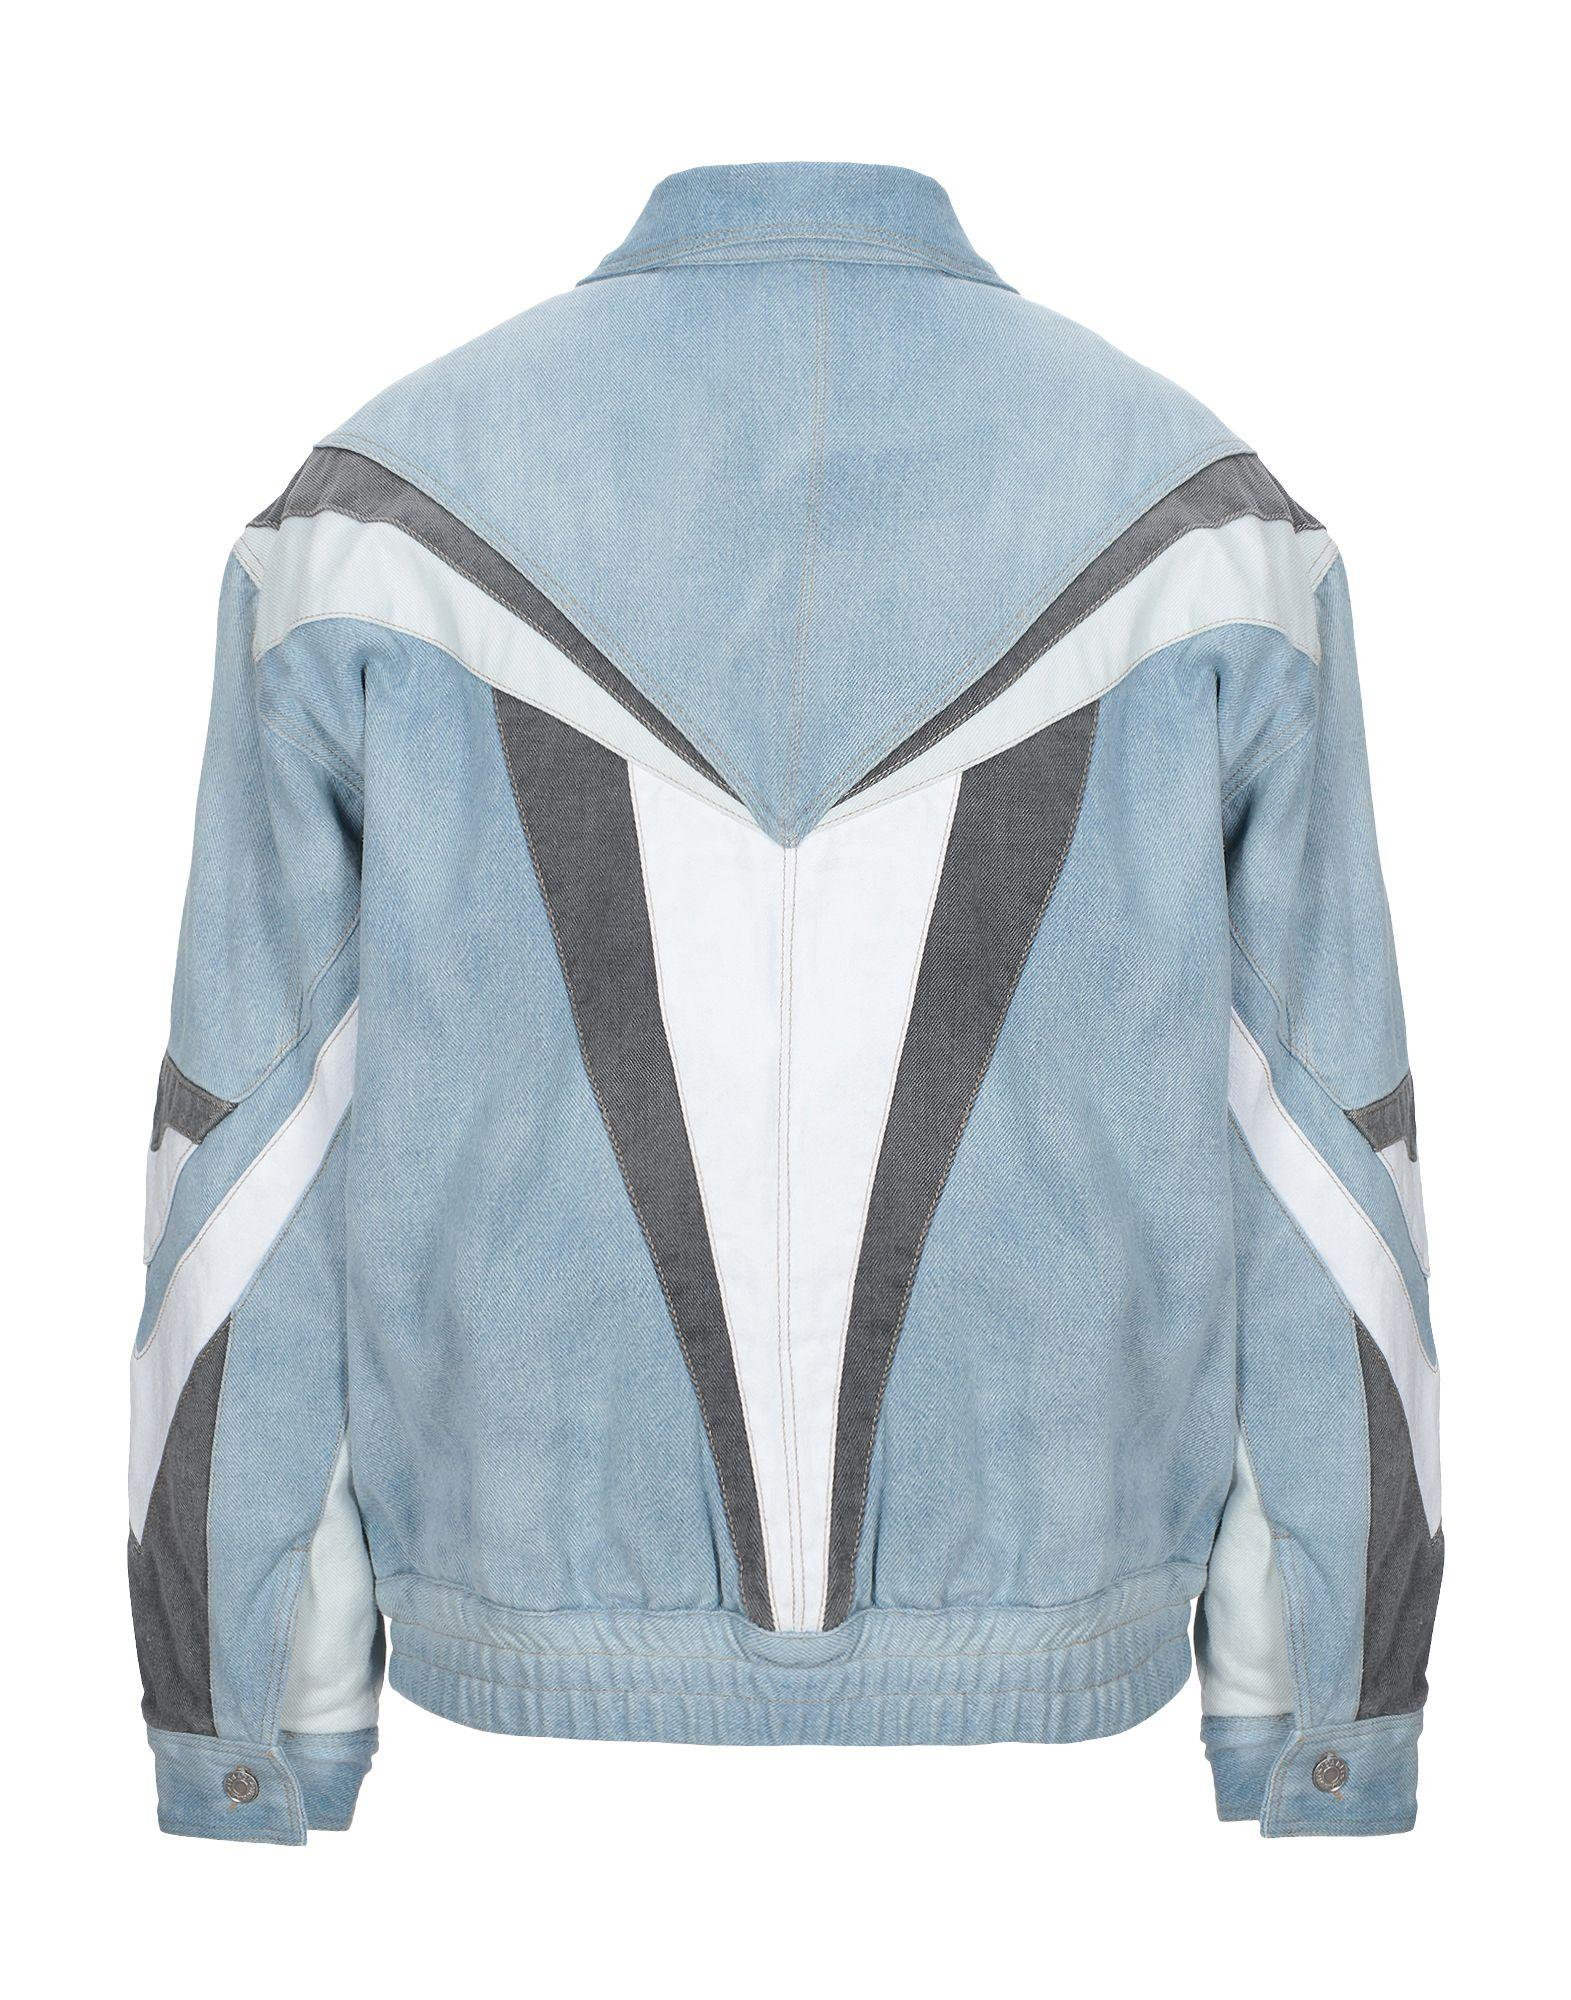 Manteau en jean Jean Isabel Marant pour homme en coloris Bleu 7JUfn